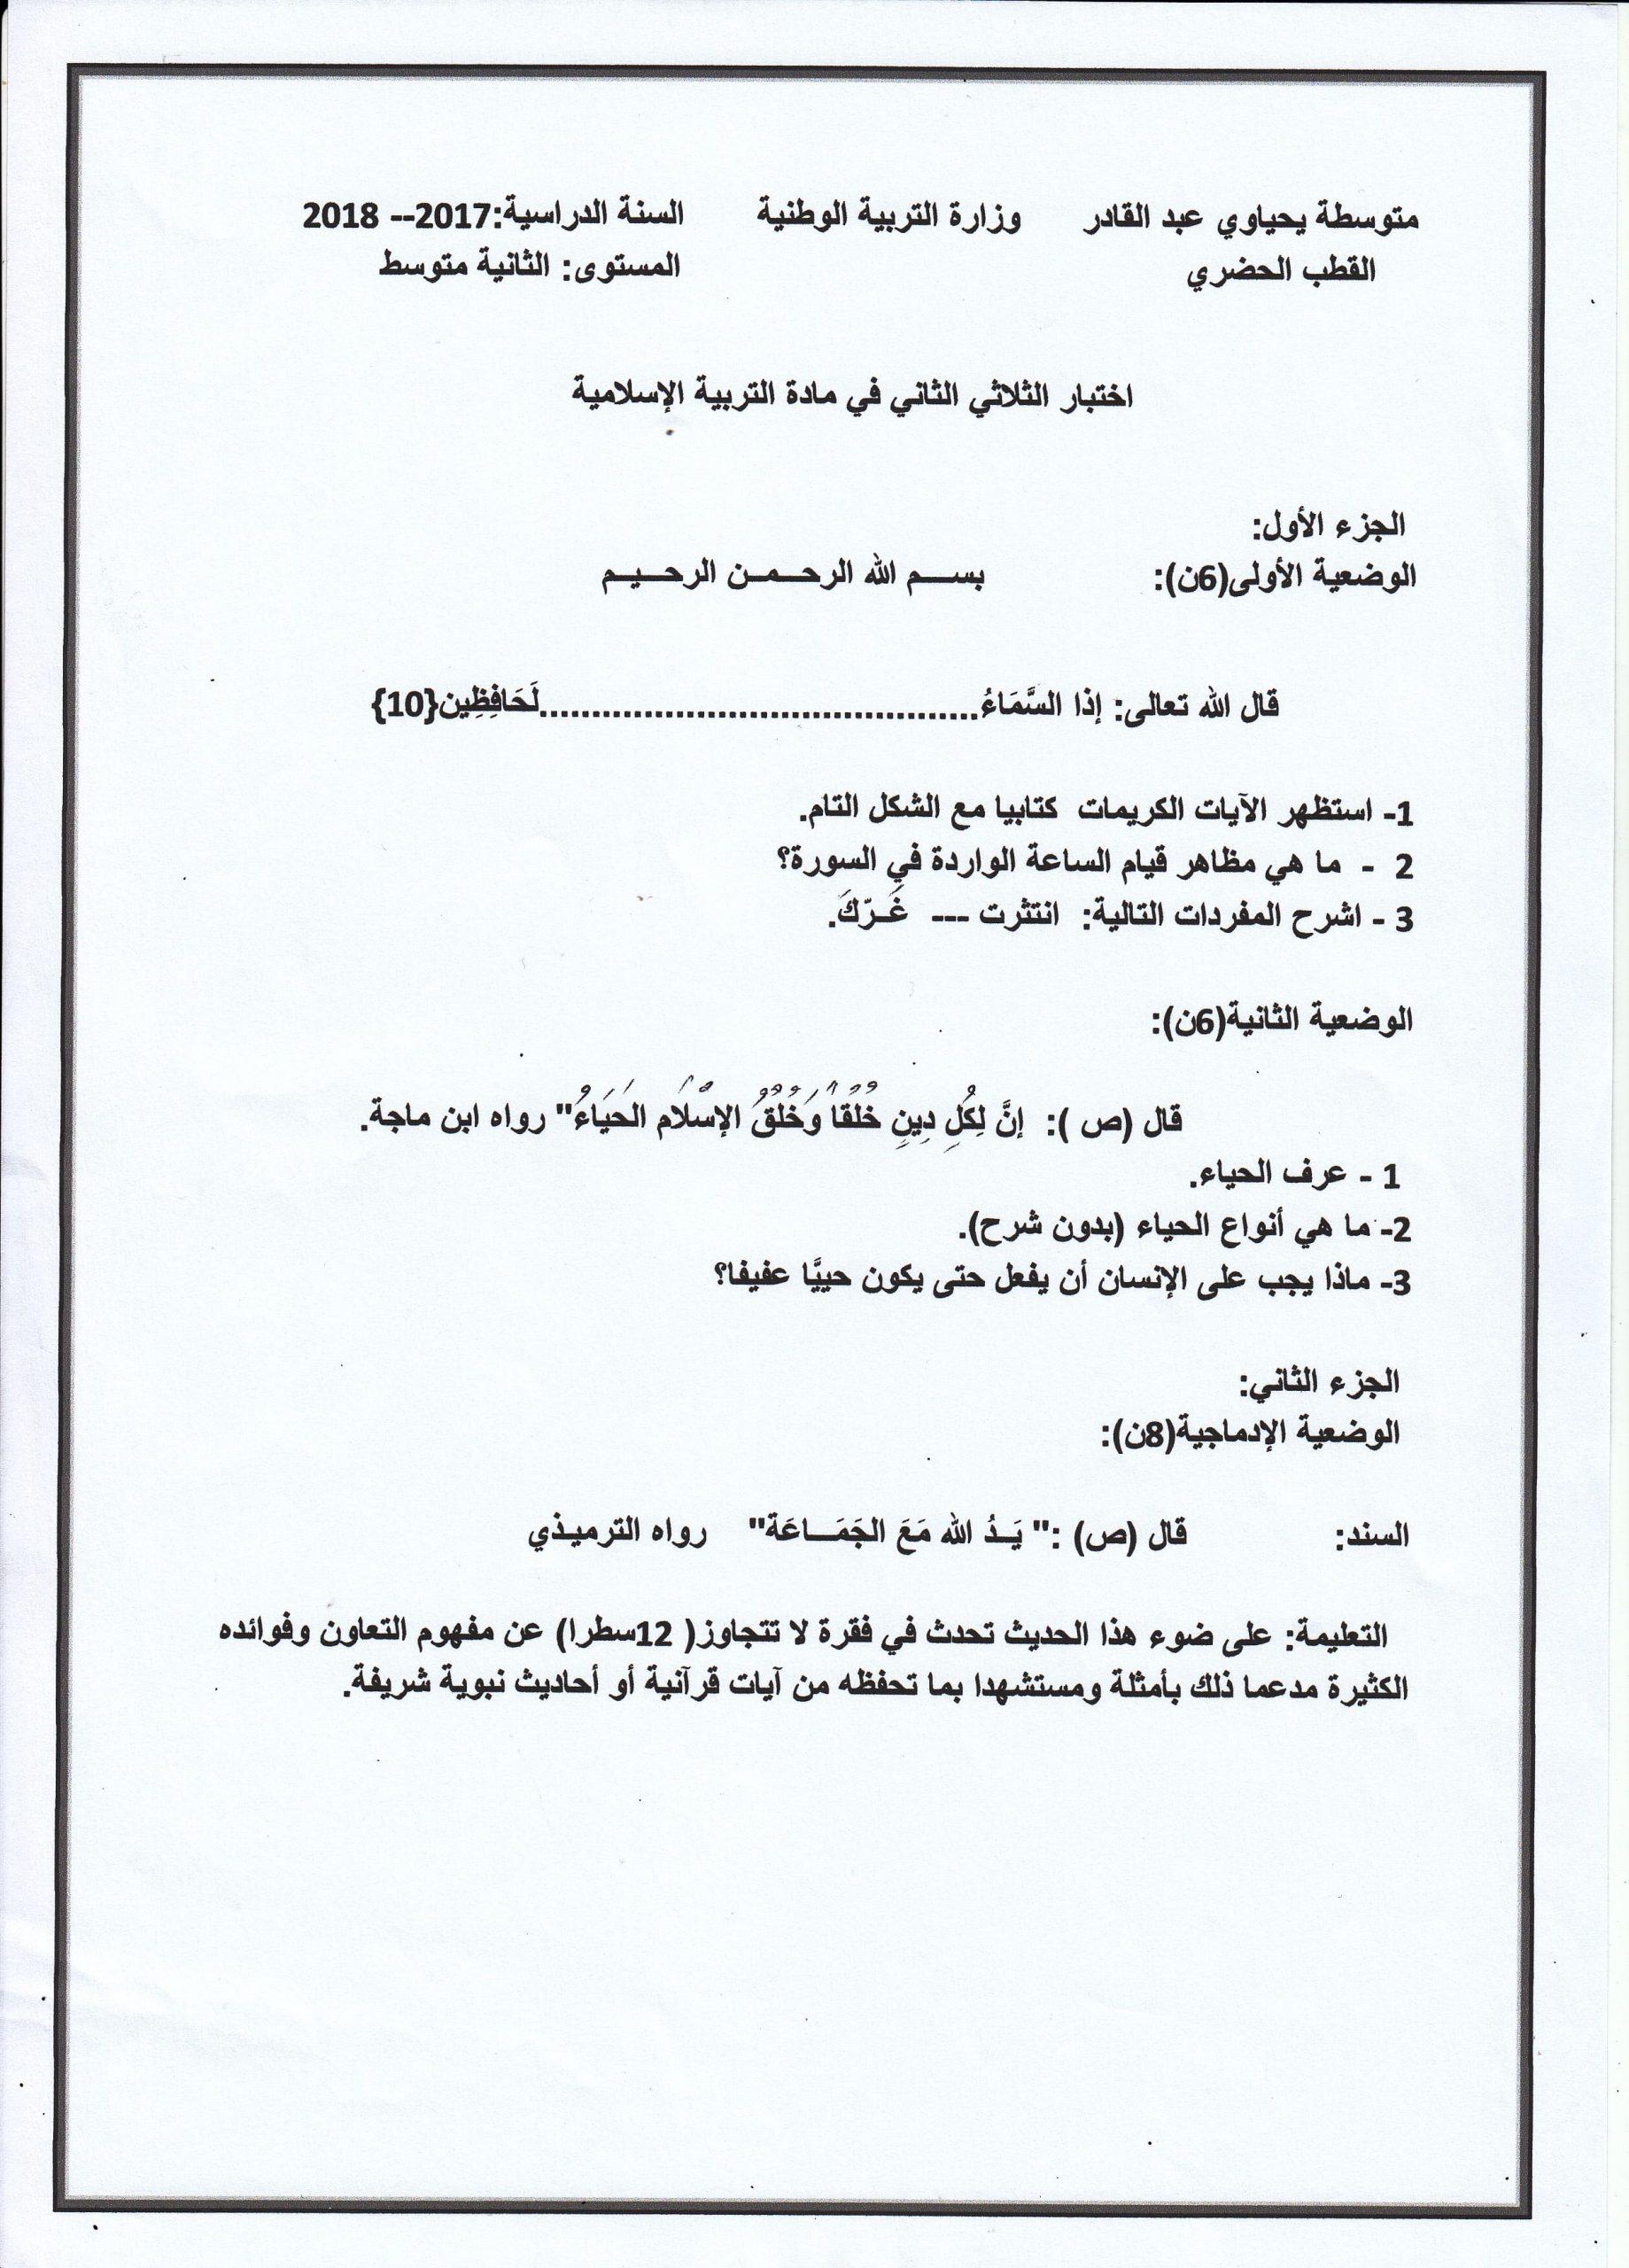 اختبار الفصل الثاني في العلوم الاسلامية للسنة الثانية متوسط - الموضوع 02